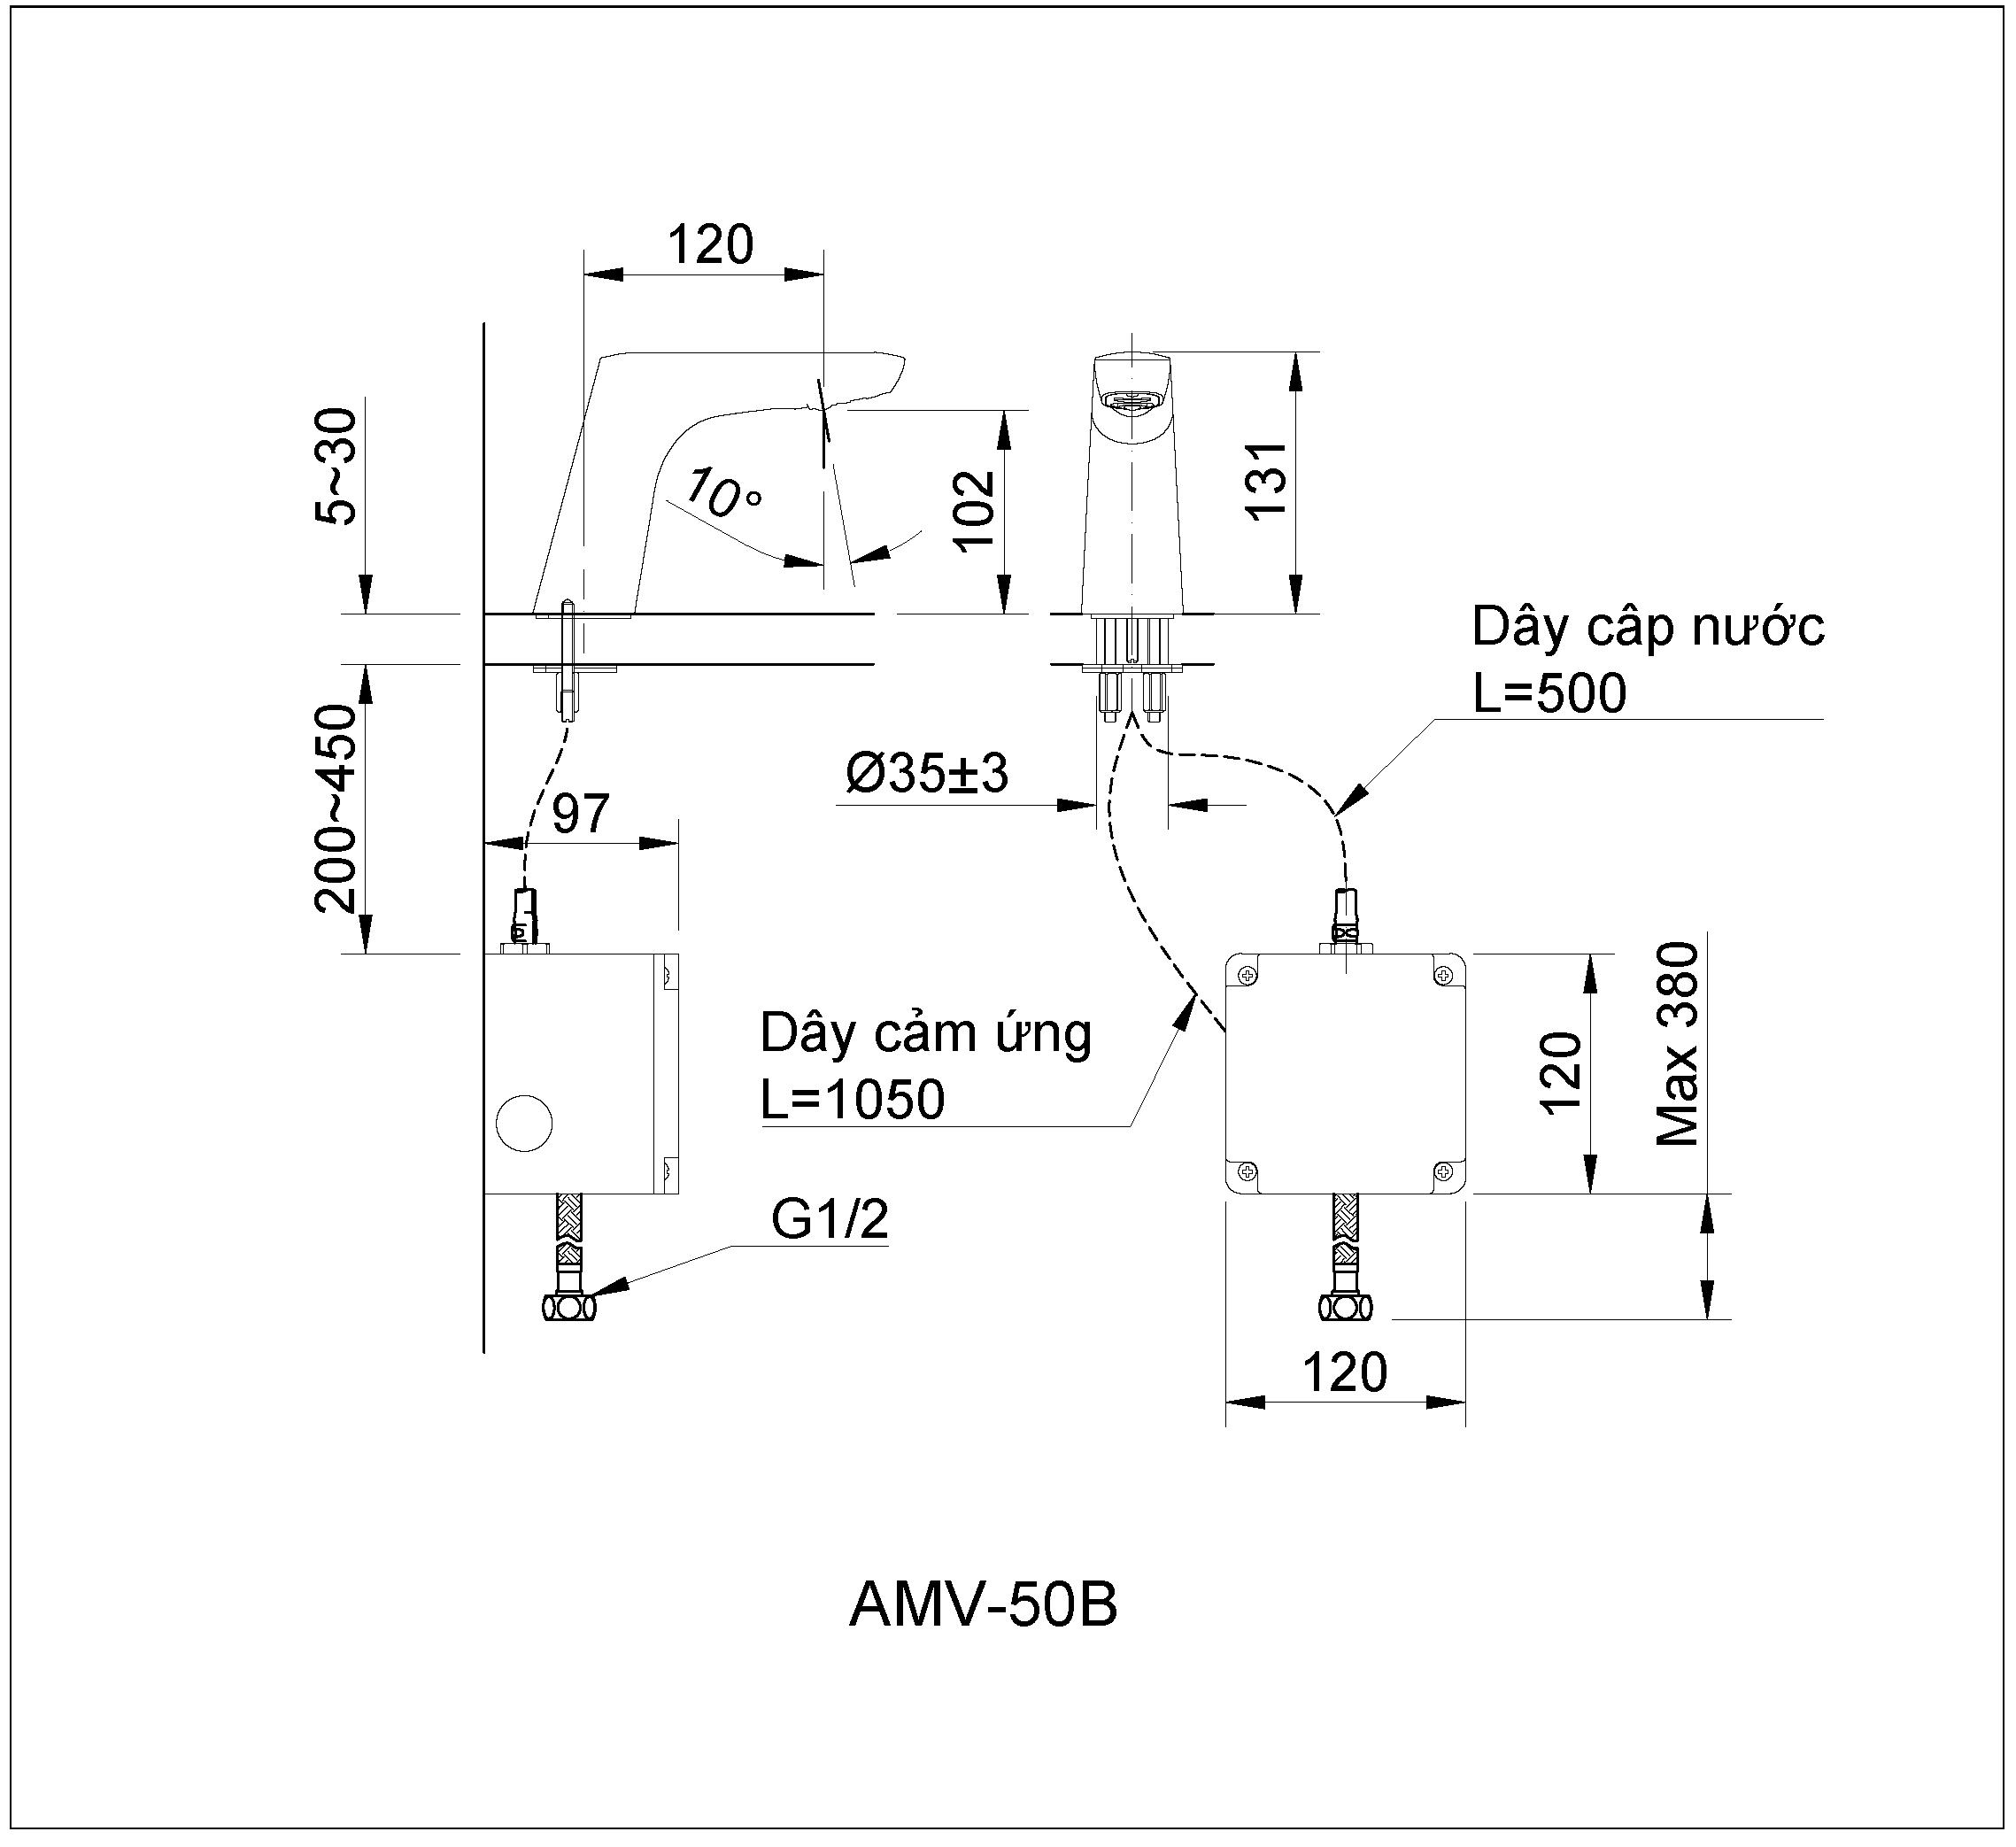 Bản vẽ kỹ thuật vòi chậu cảm ứng INAX AMV-50B